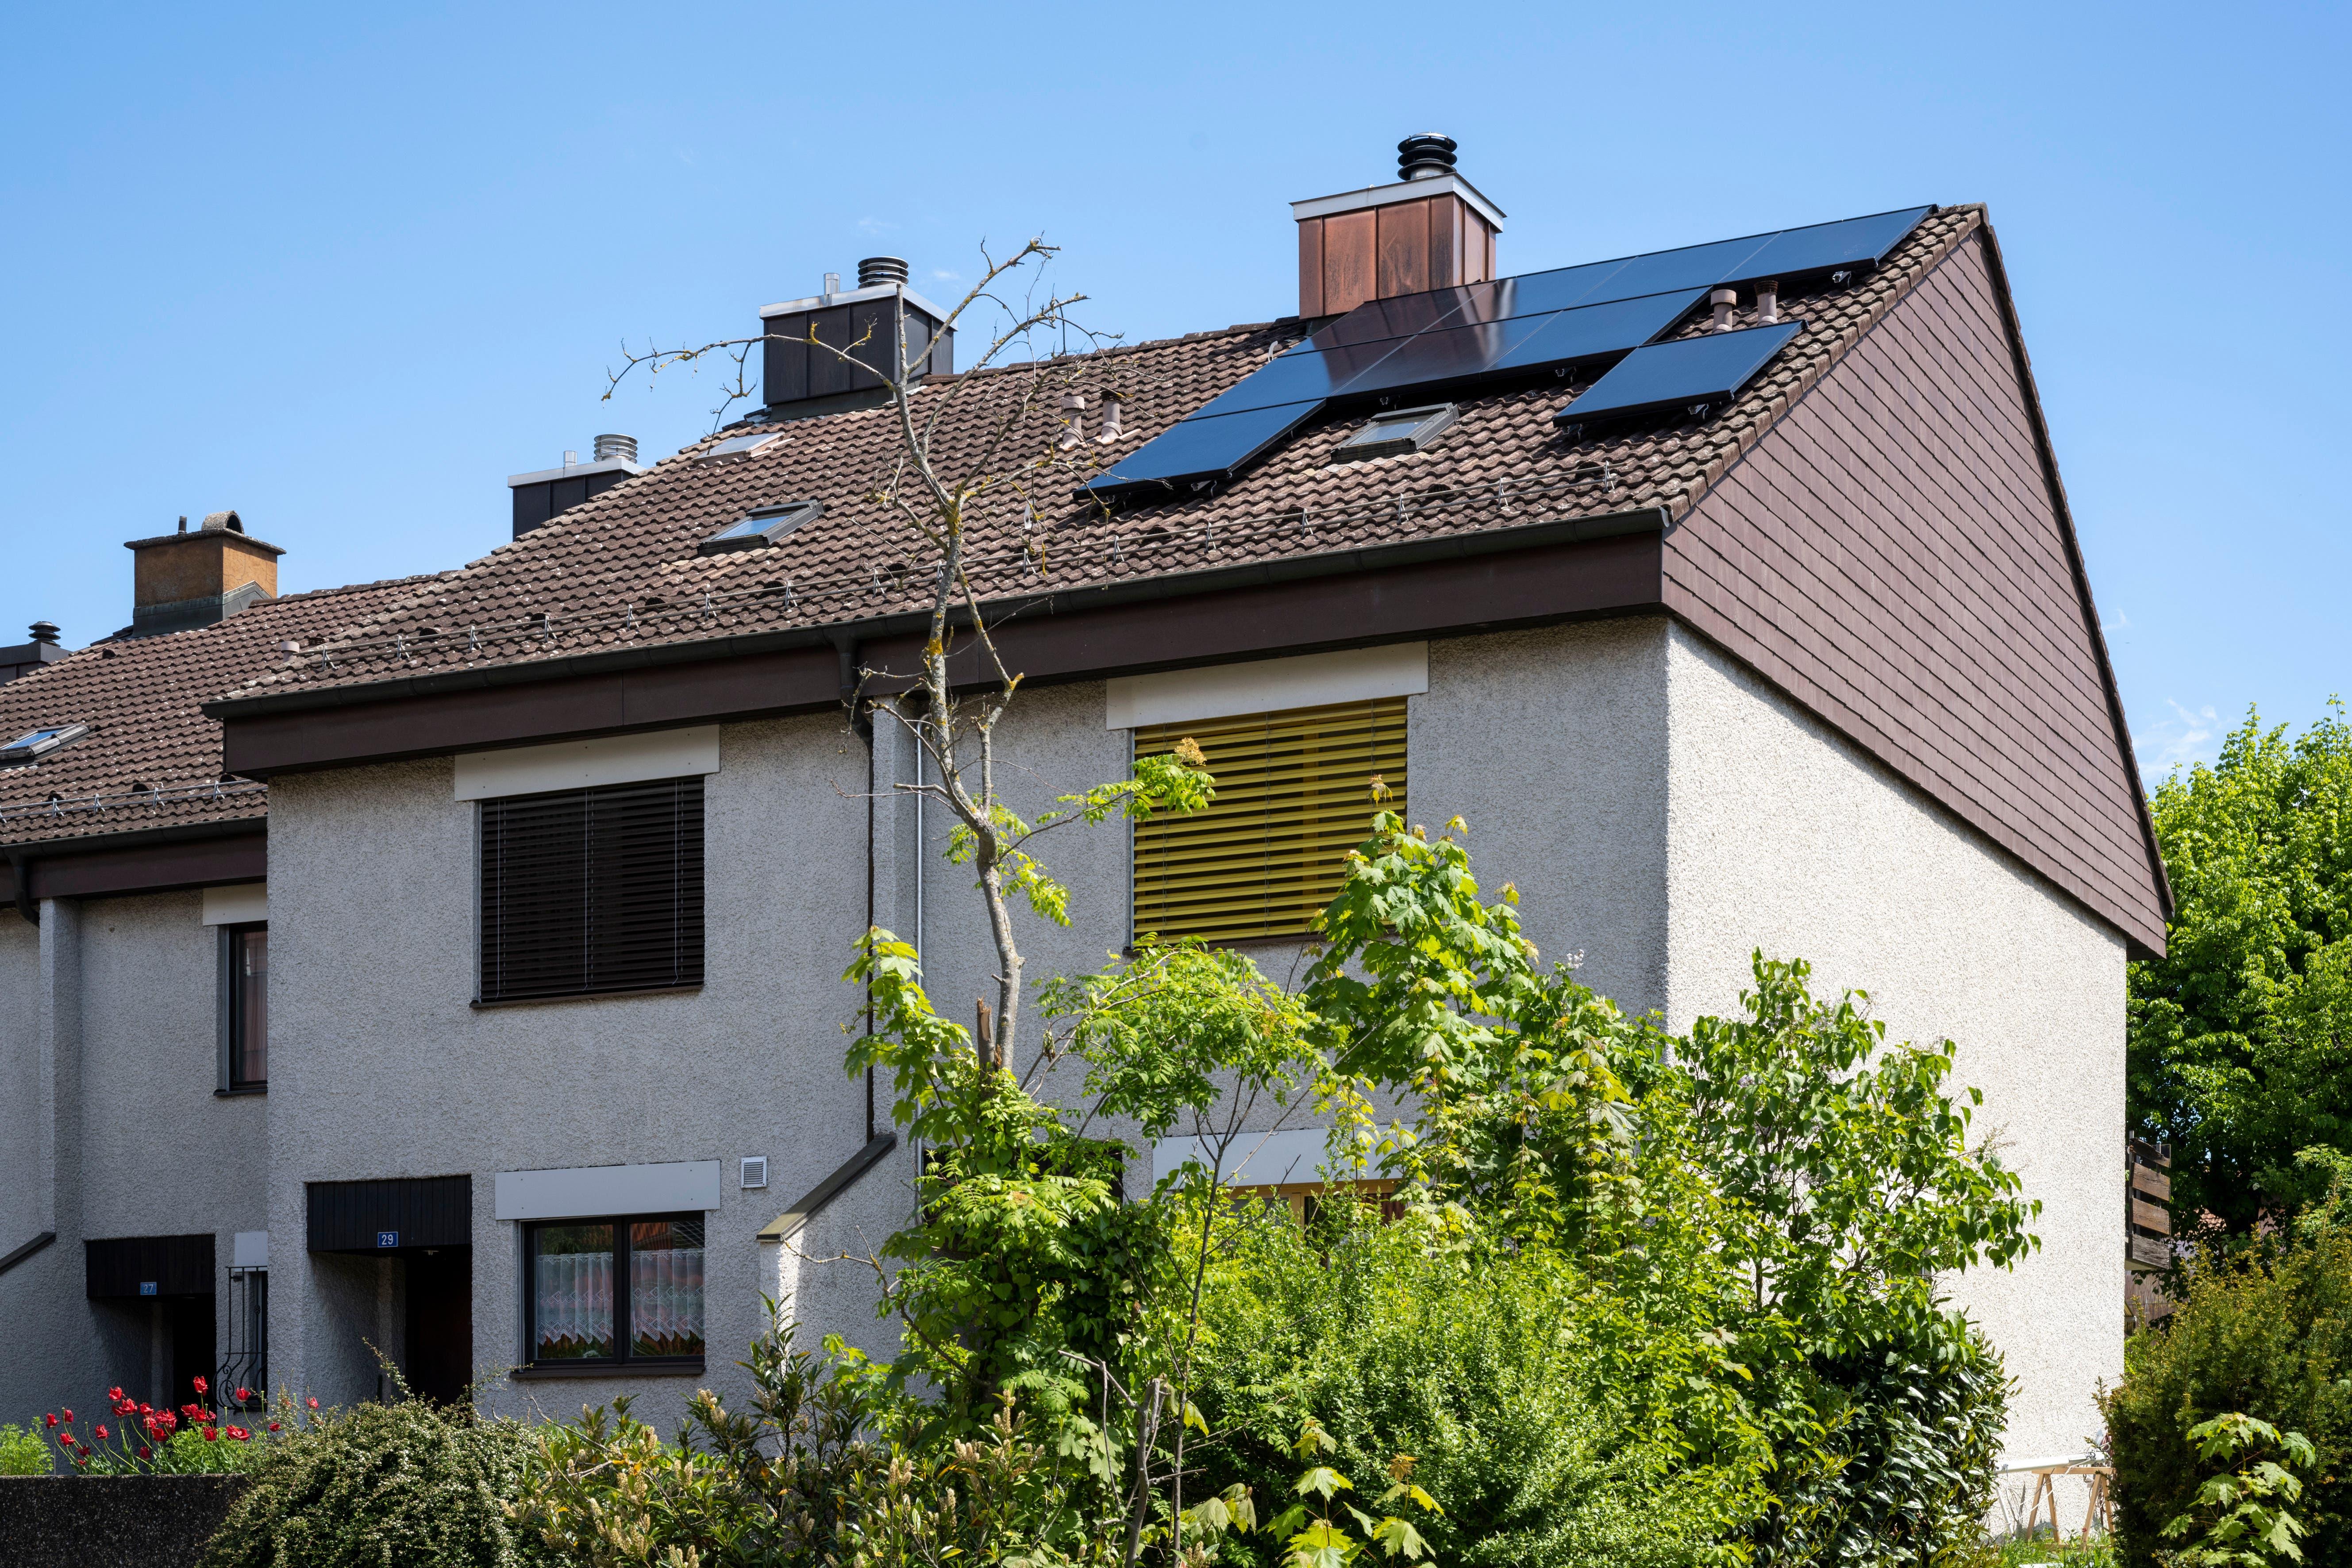 Die Solarpanels auf Christian Schütz' Hausdach sind nach Westen und Osten ausgerichtet. Trotzdem kann er den Strombedarf seiner Familie damit decken.